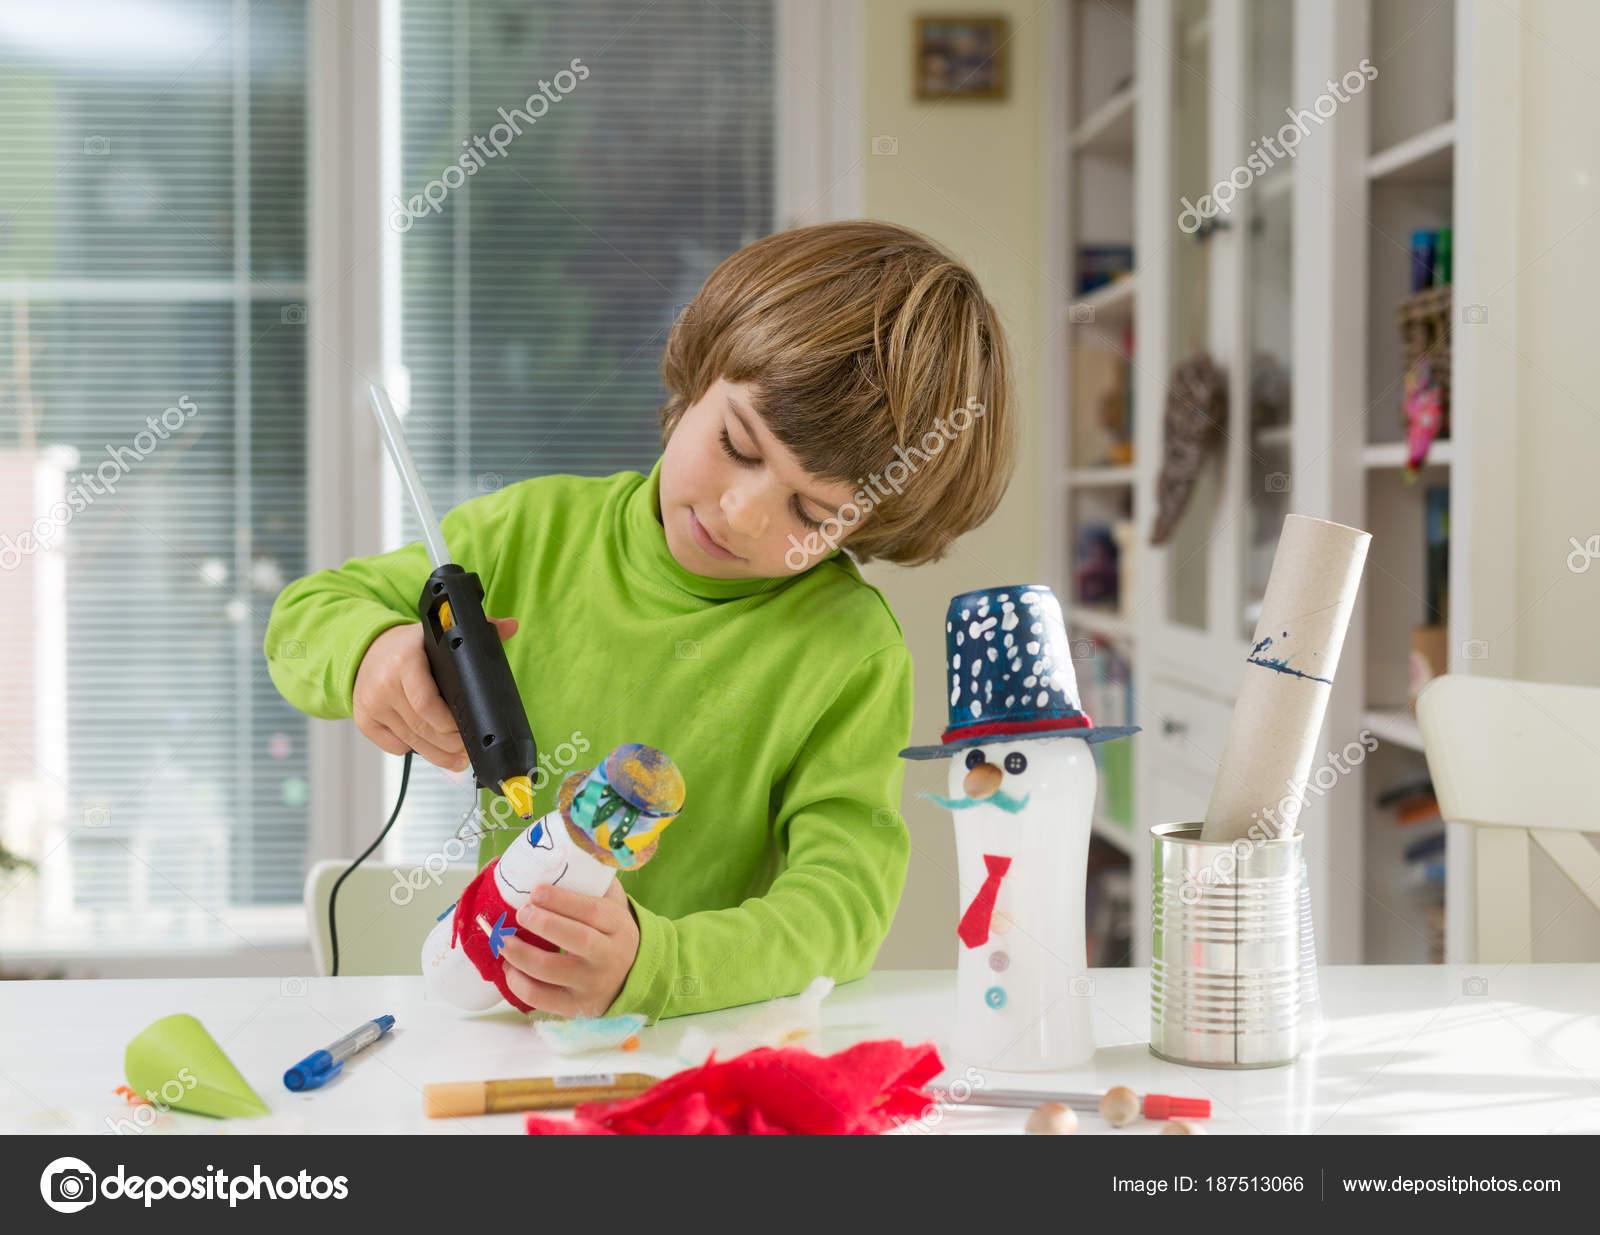 Caliente Bricolaje Con Haciendo Niño Ser Papel Creativo Juguetes QdxBWrCoe